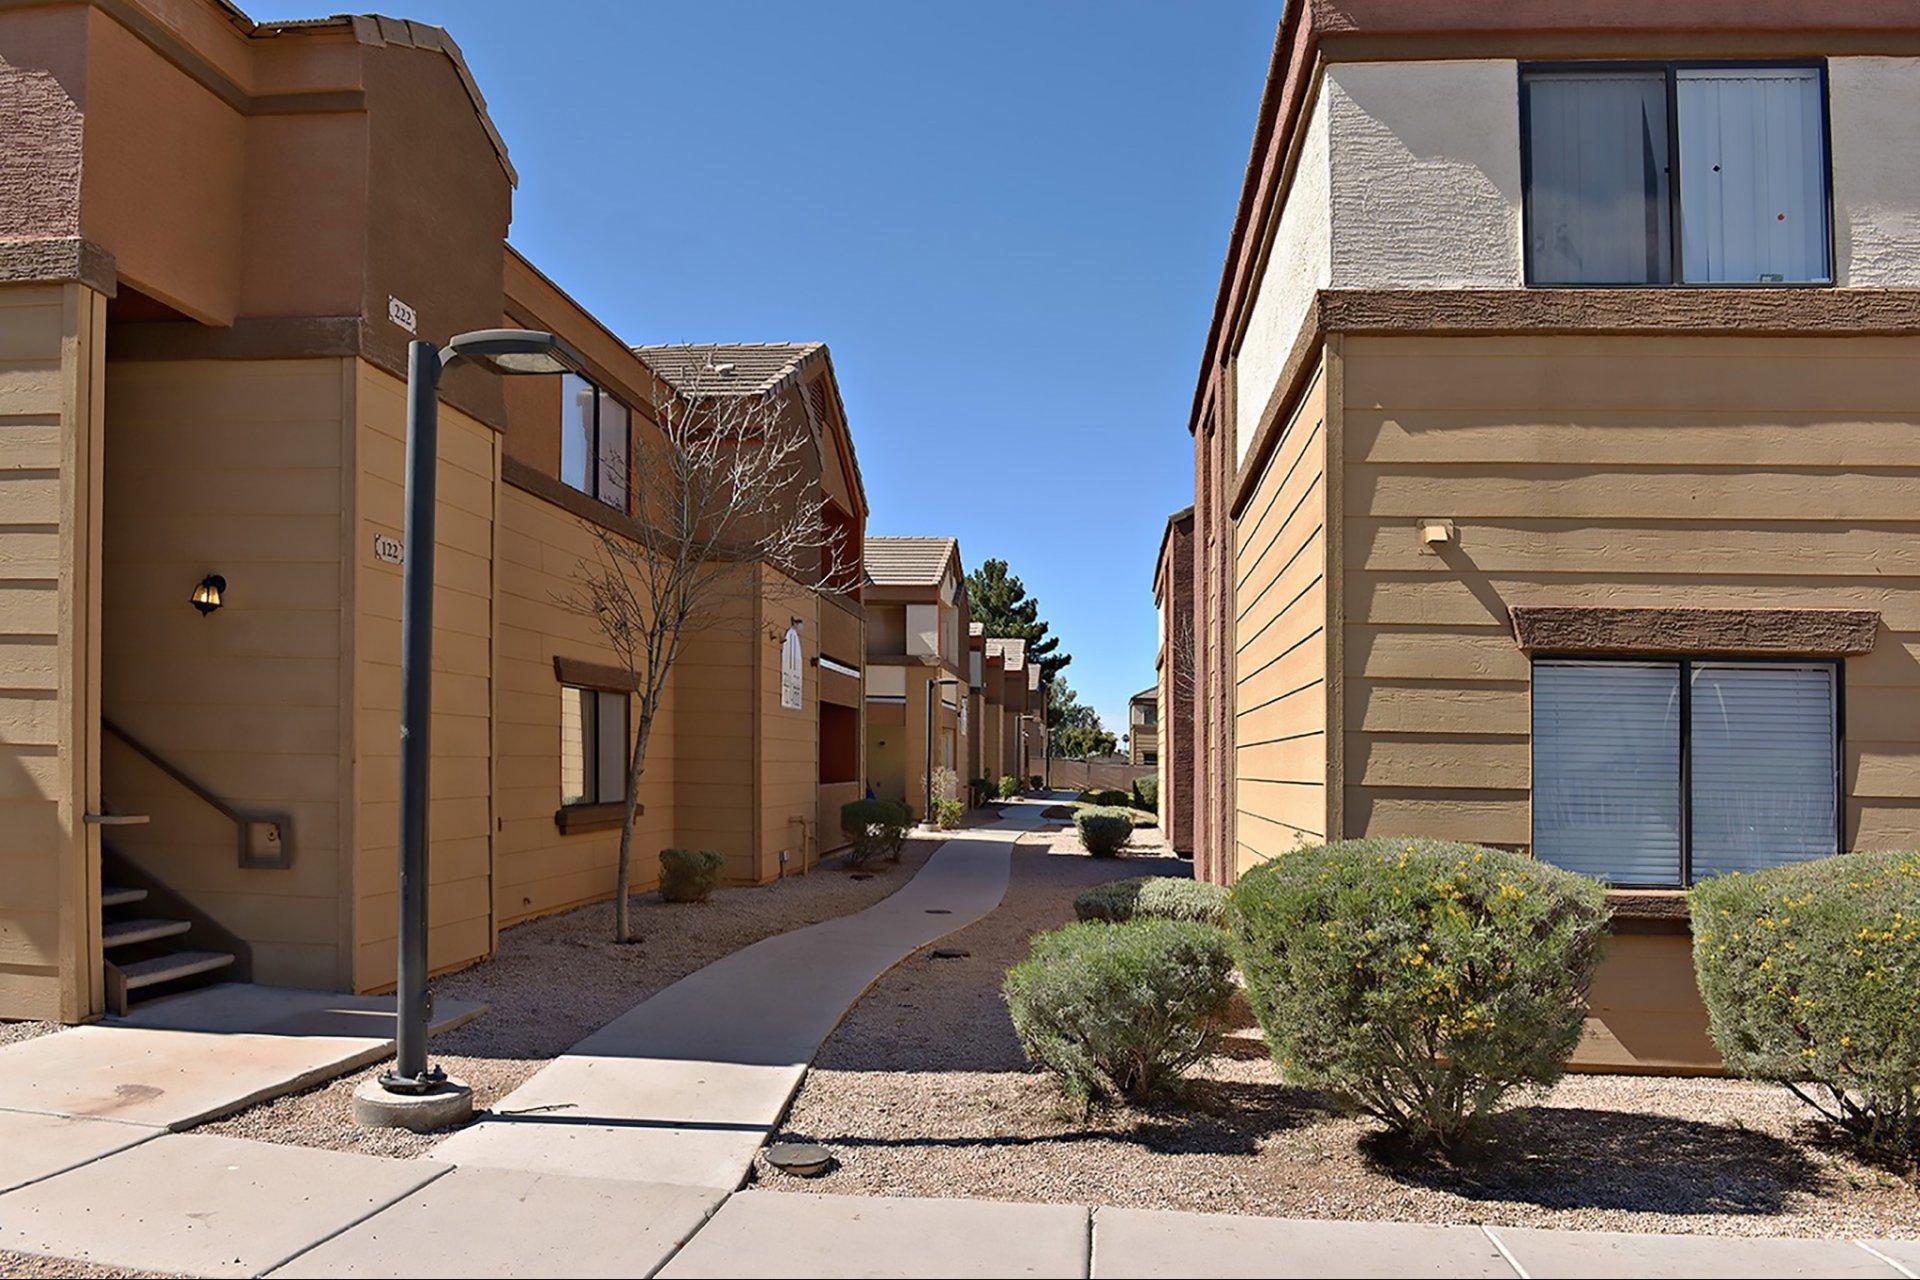 La Estrella Vista Apartments Phoenix, AZ Exterior An Dlandscaping